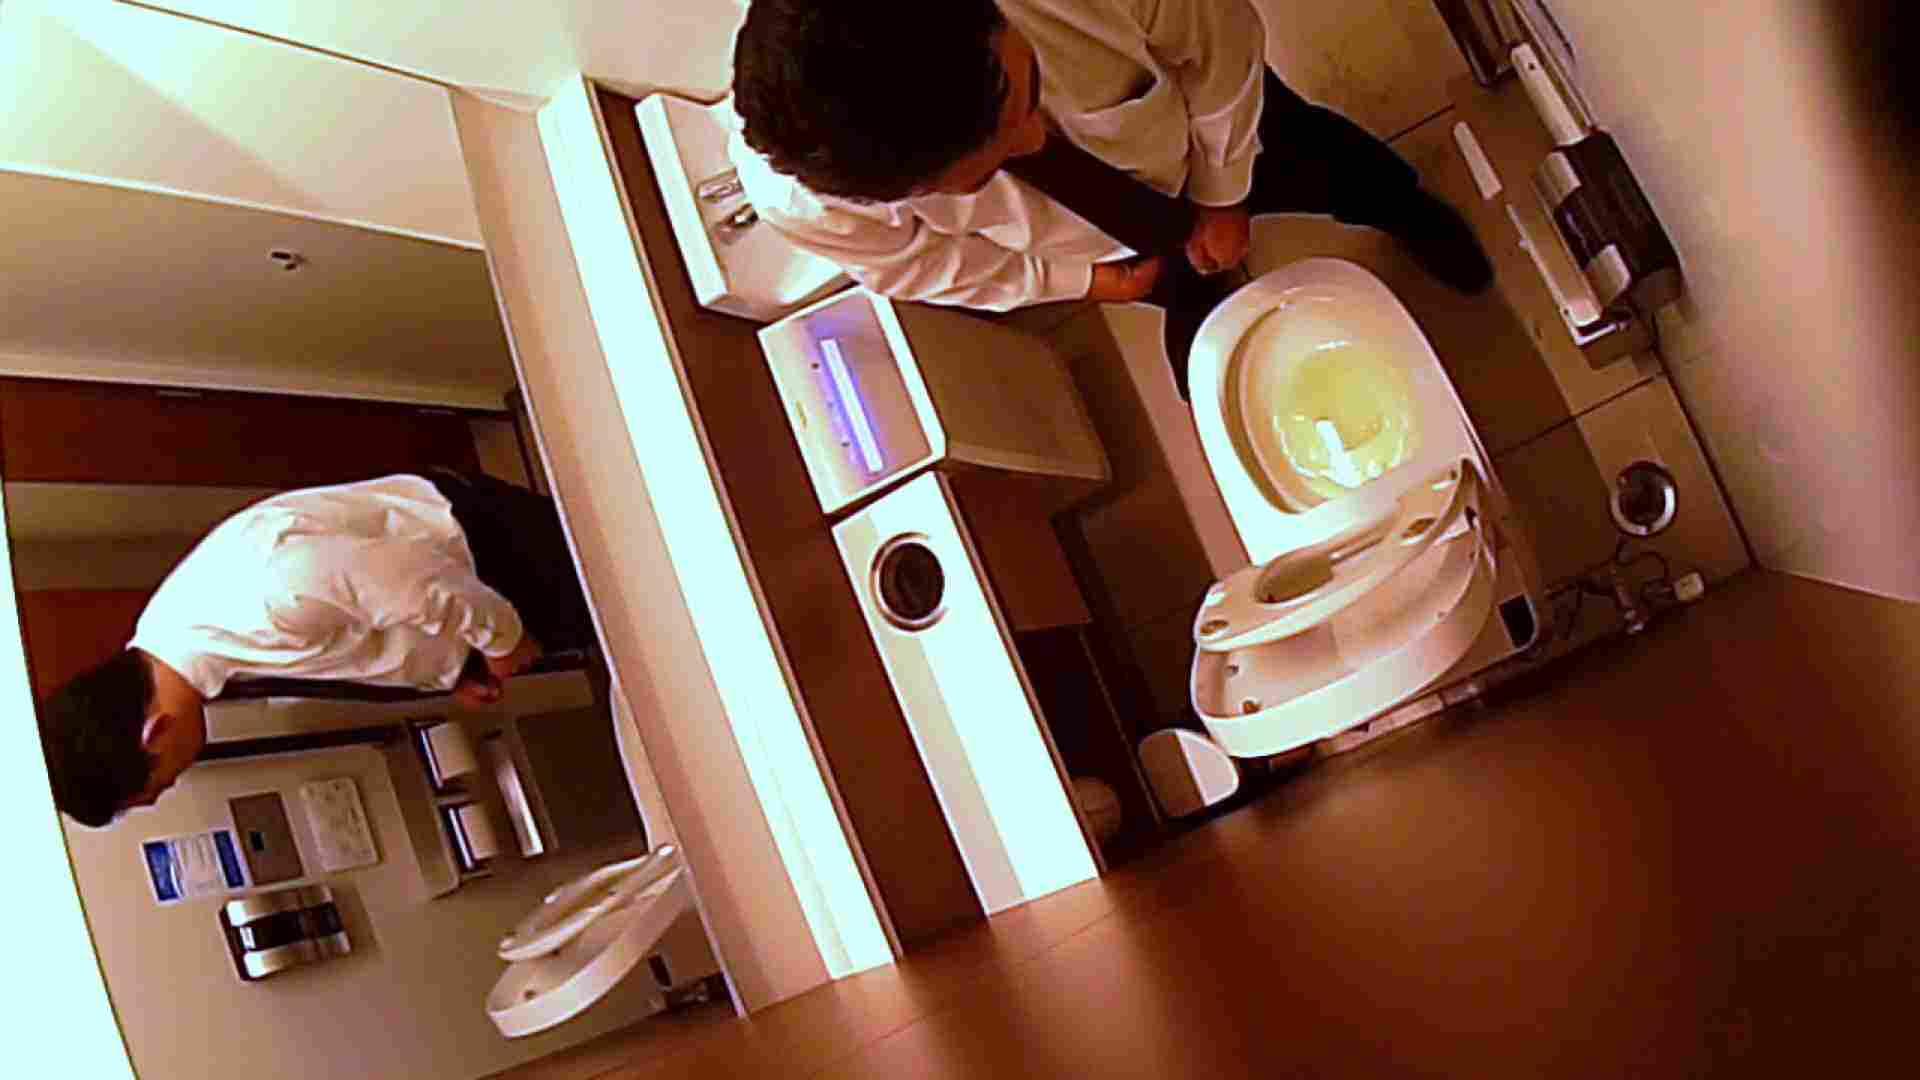 ゲイザーメン動画|すみませんが覗かせてください Vol.31|トイレ